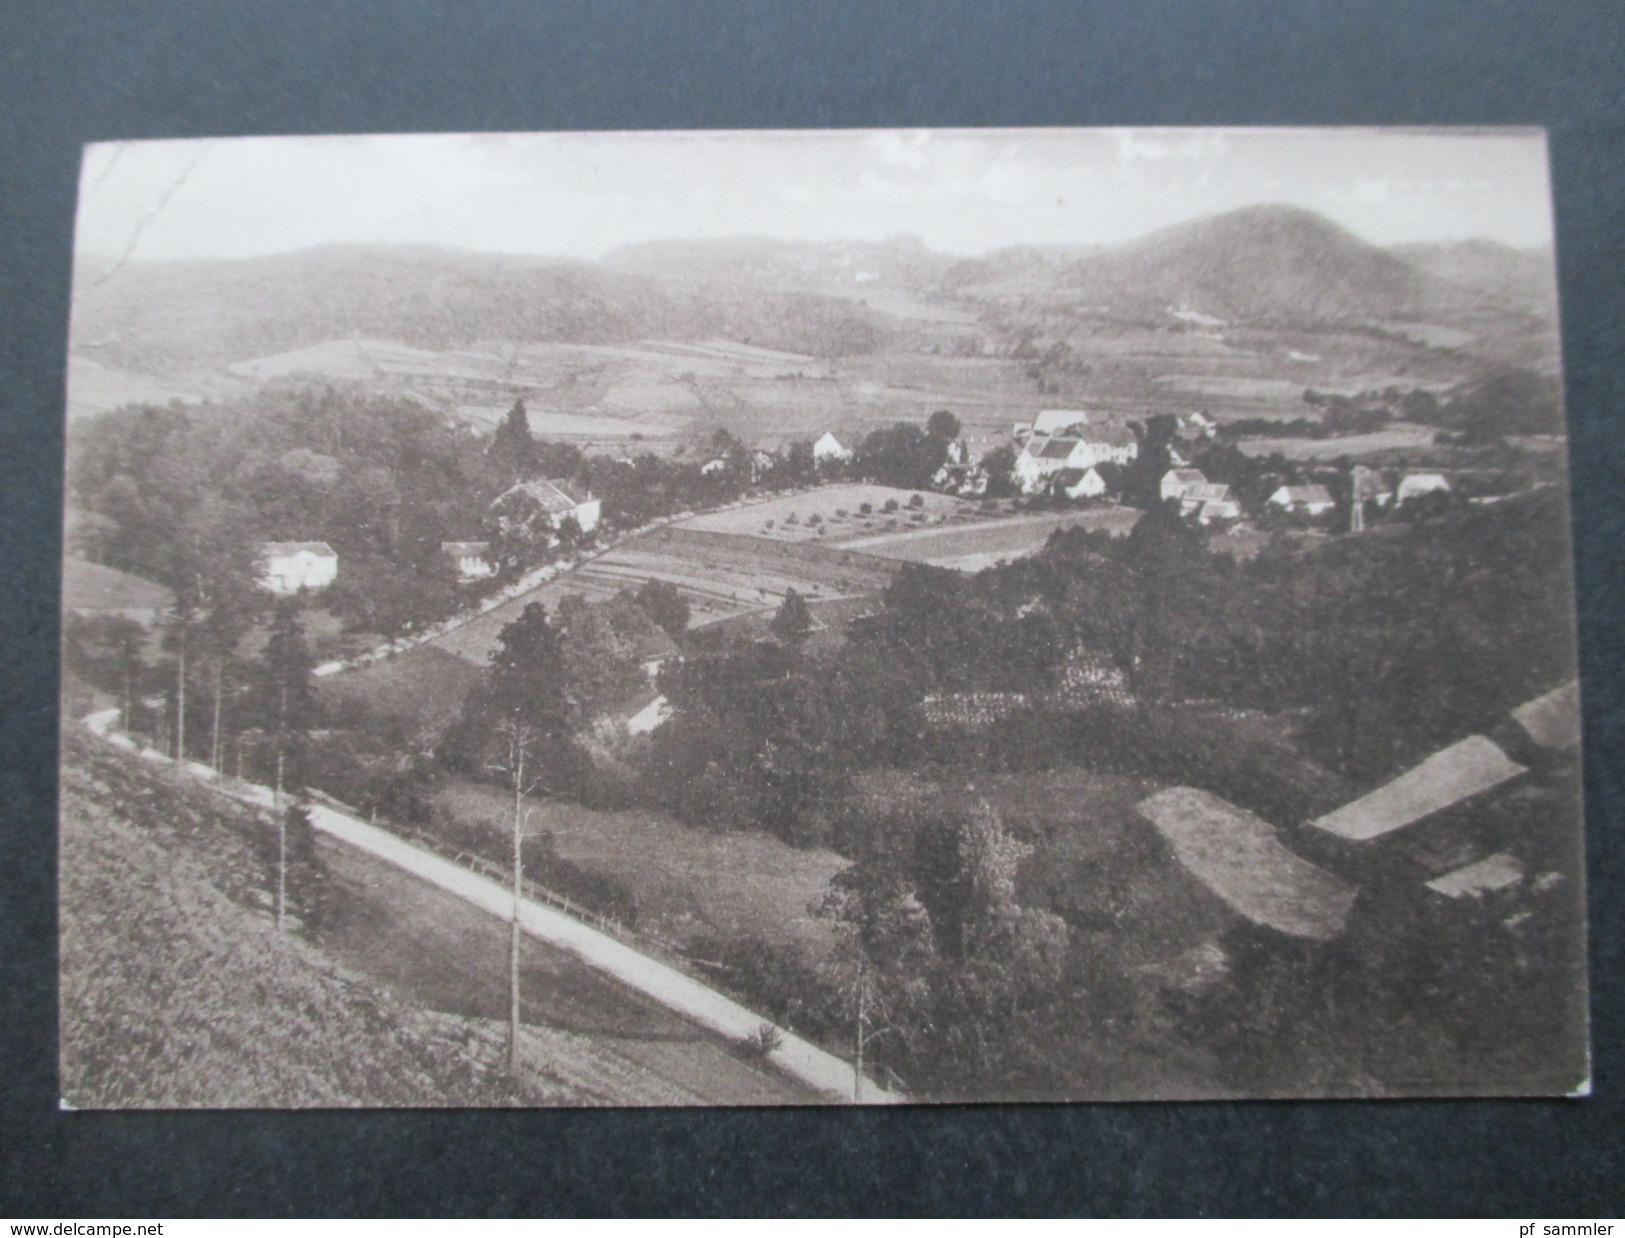 AK / Fotokarte 1935 Bad Geltschberg Mit Ober Wessig Nordböhmen / Sudeten. Panorama. Winziger Ort! - Sudeten